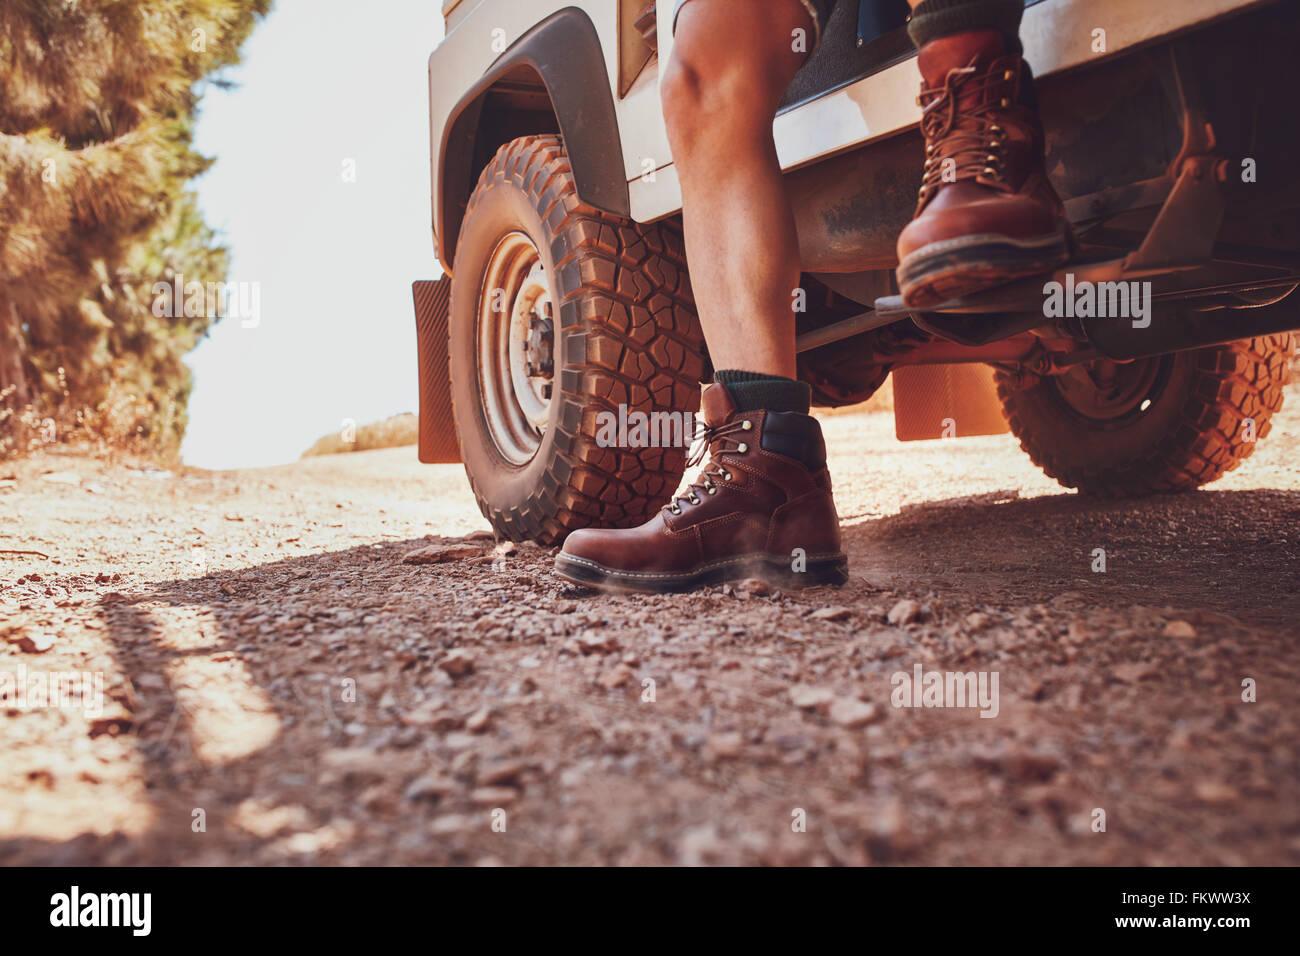 Cerca de pierna masculina con bota de cuero salir de un vehículo fuera de carretera. Coche aparcado en la calle Imagen De Stock